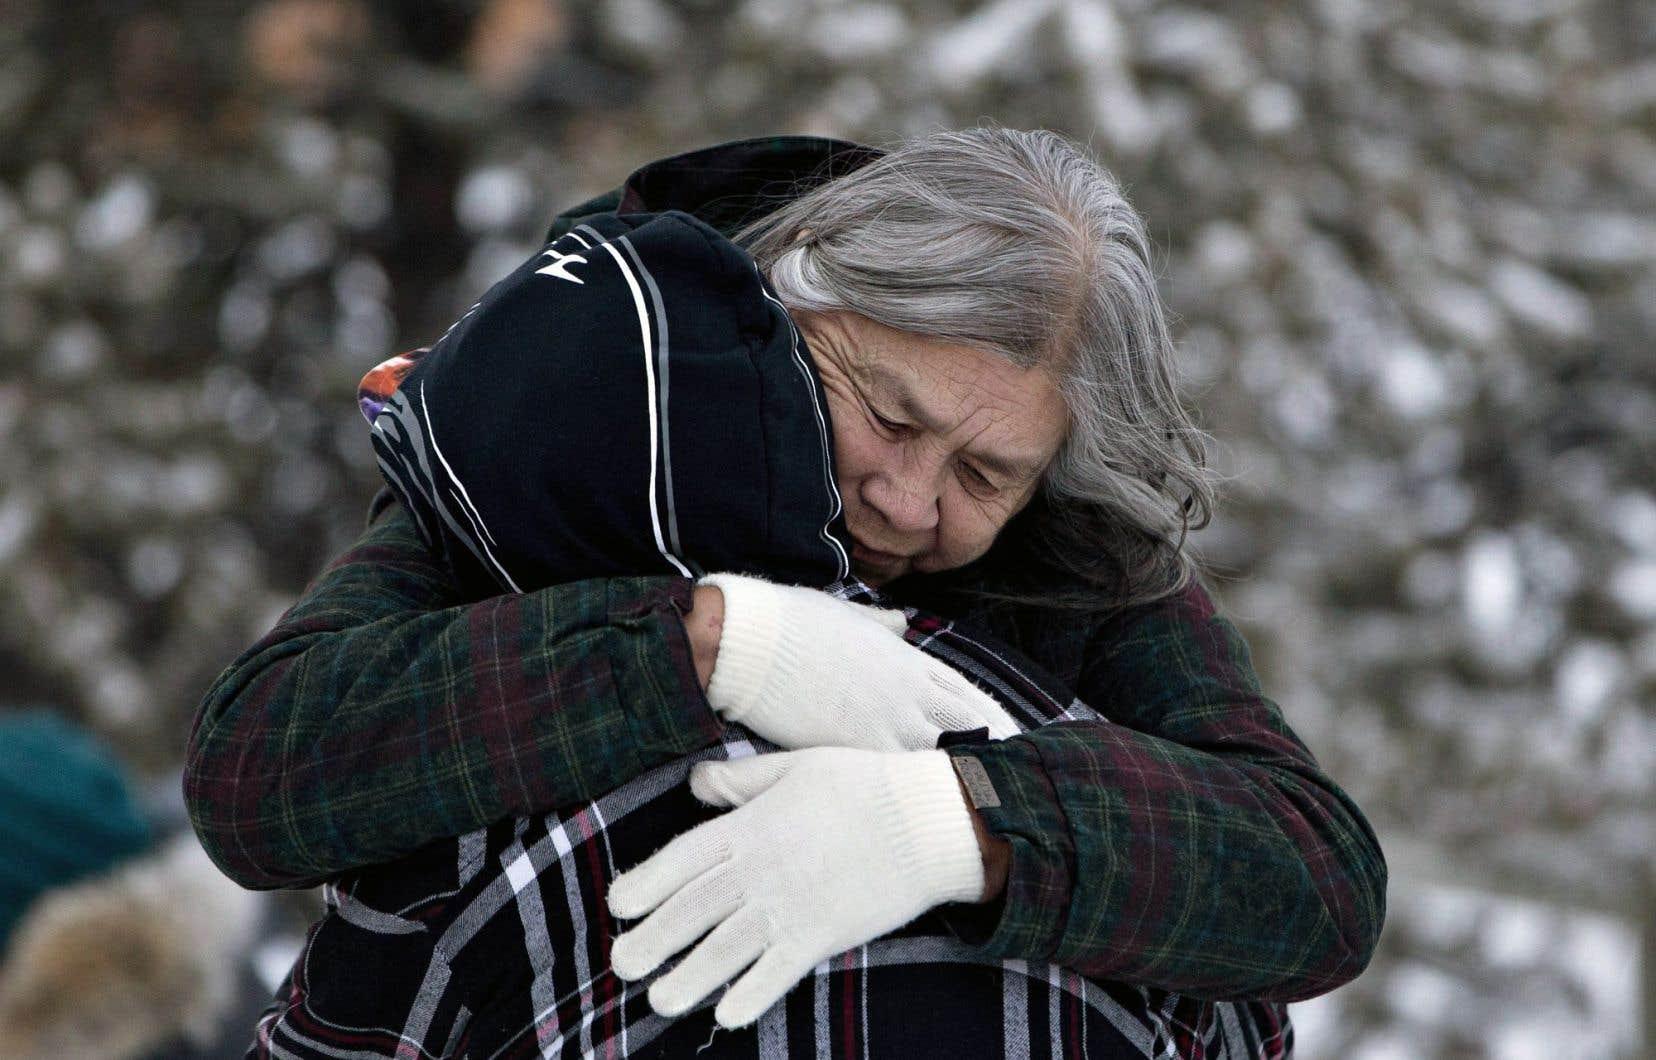 Des membres de la communauté à majorité autochtone se réconfortaient, dimanche, près d'un mémorial en l'honneur des victimes.